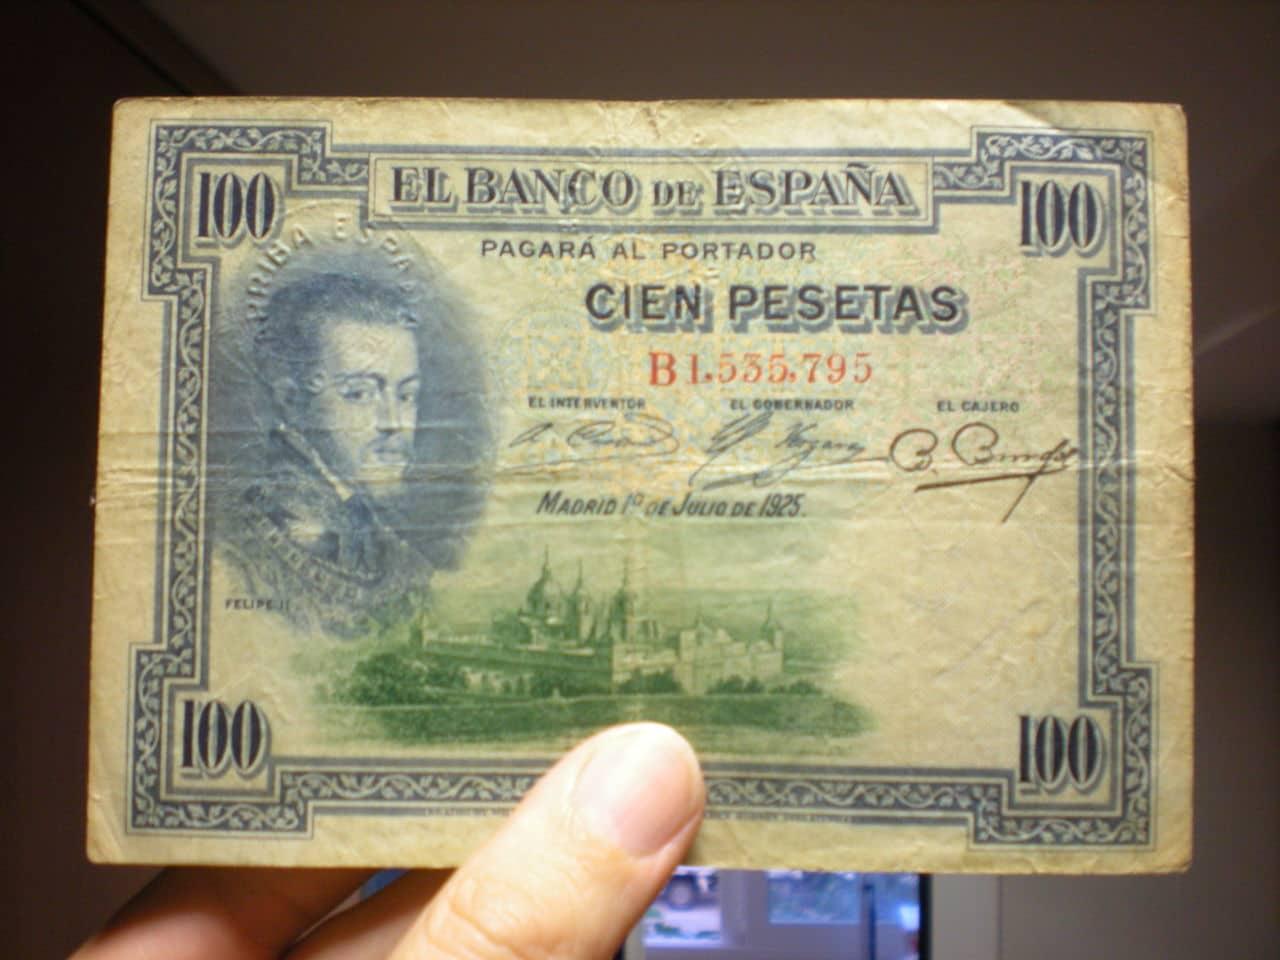 100 Pesetas 1925 (Tres sellos secos:Arriba España, Burgos y República) DSCN3630